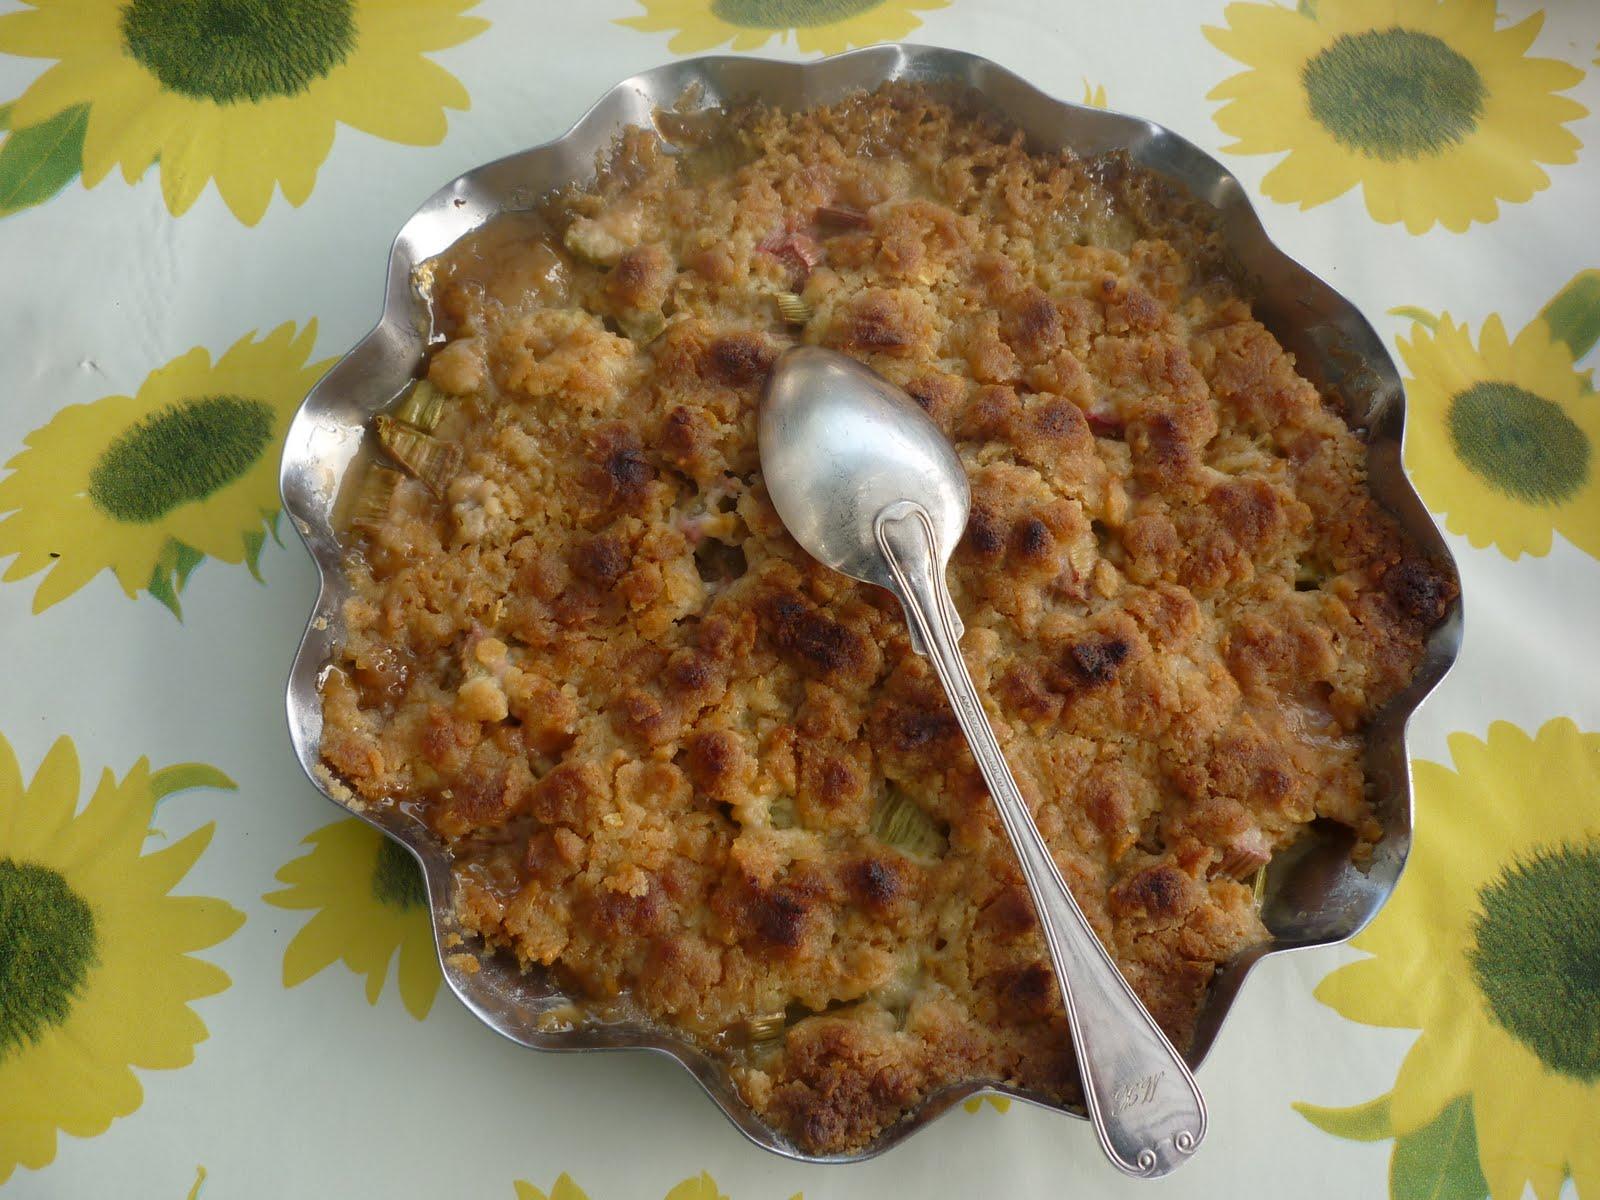 rabarberpaj med cornflakes